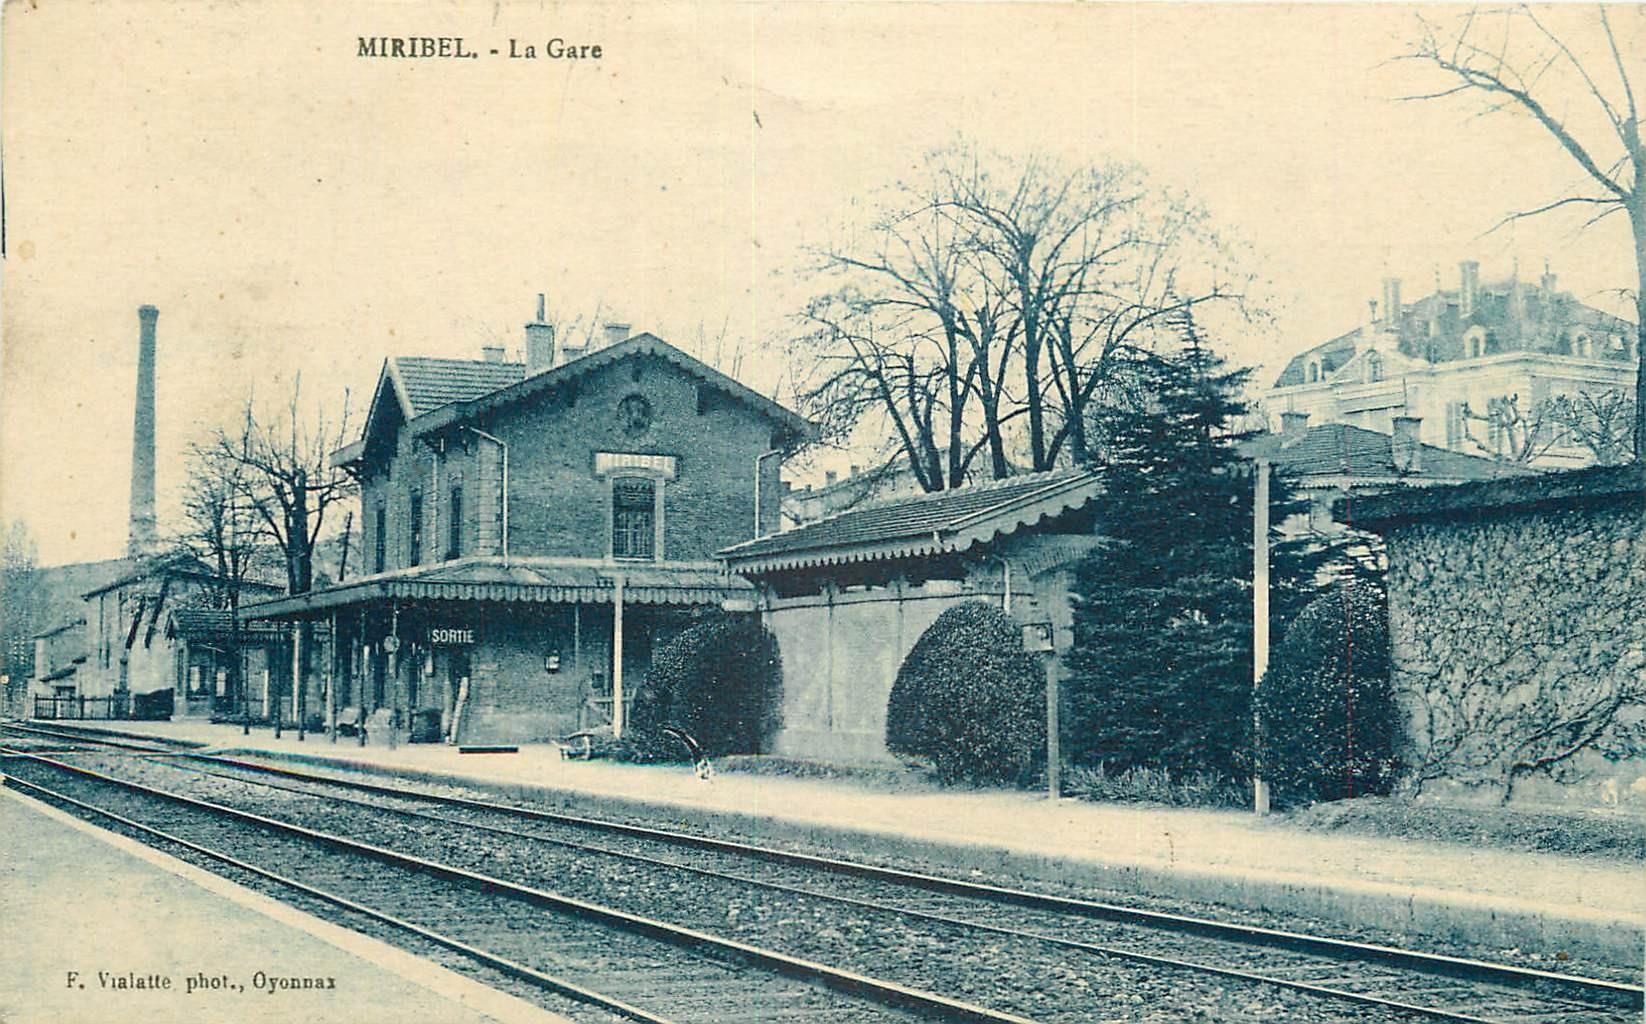 01 MIRIBEL. La Gare vers 1924...